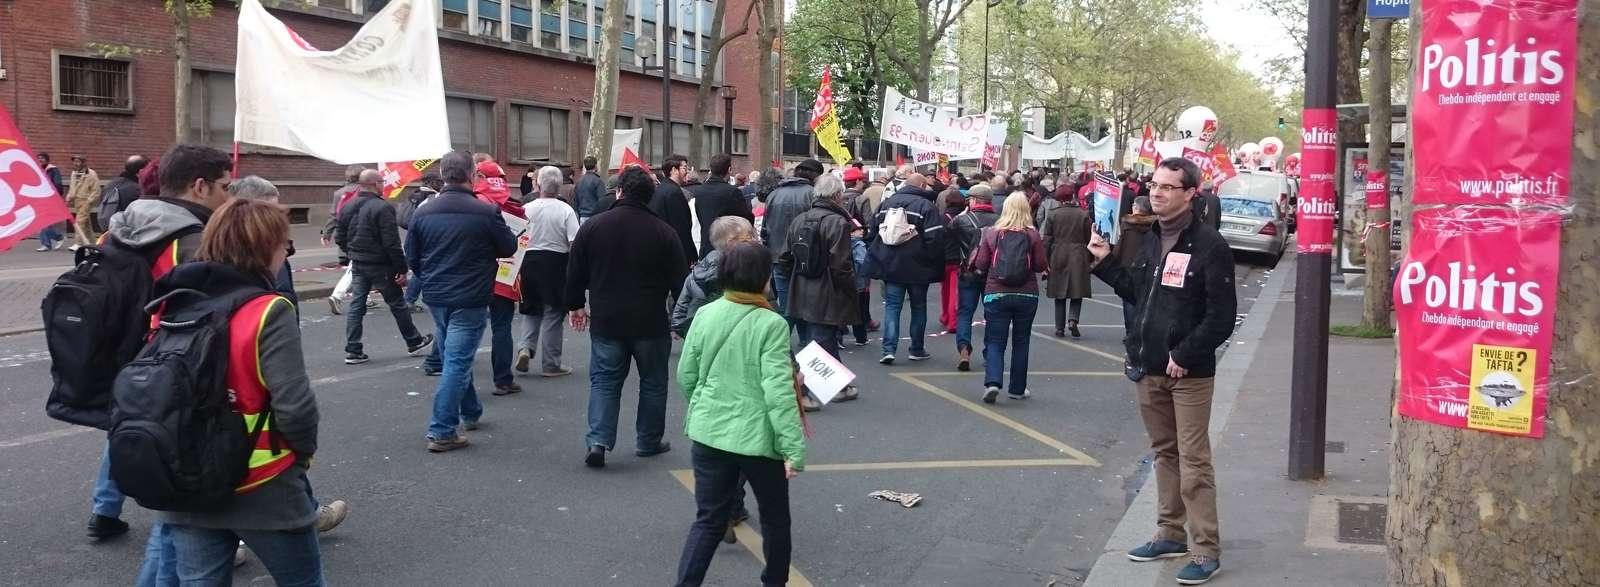 Présence de Politis dans les manifestations contre le projet de loi travail